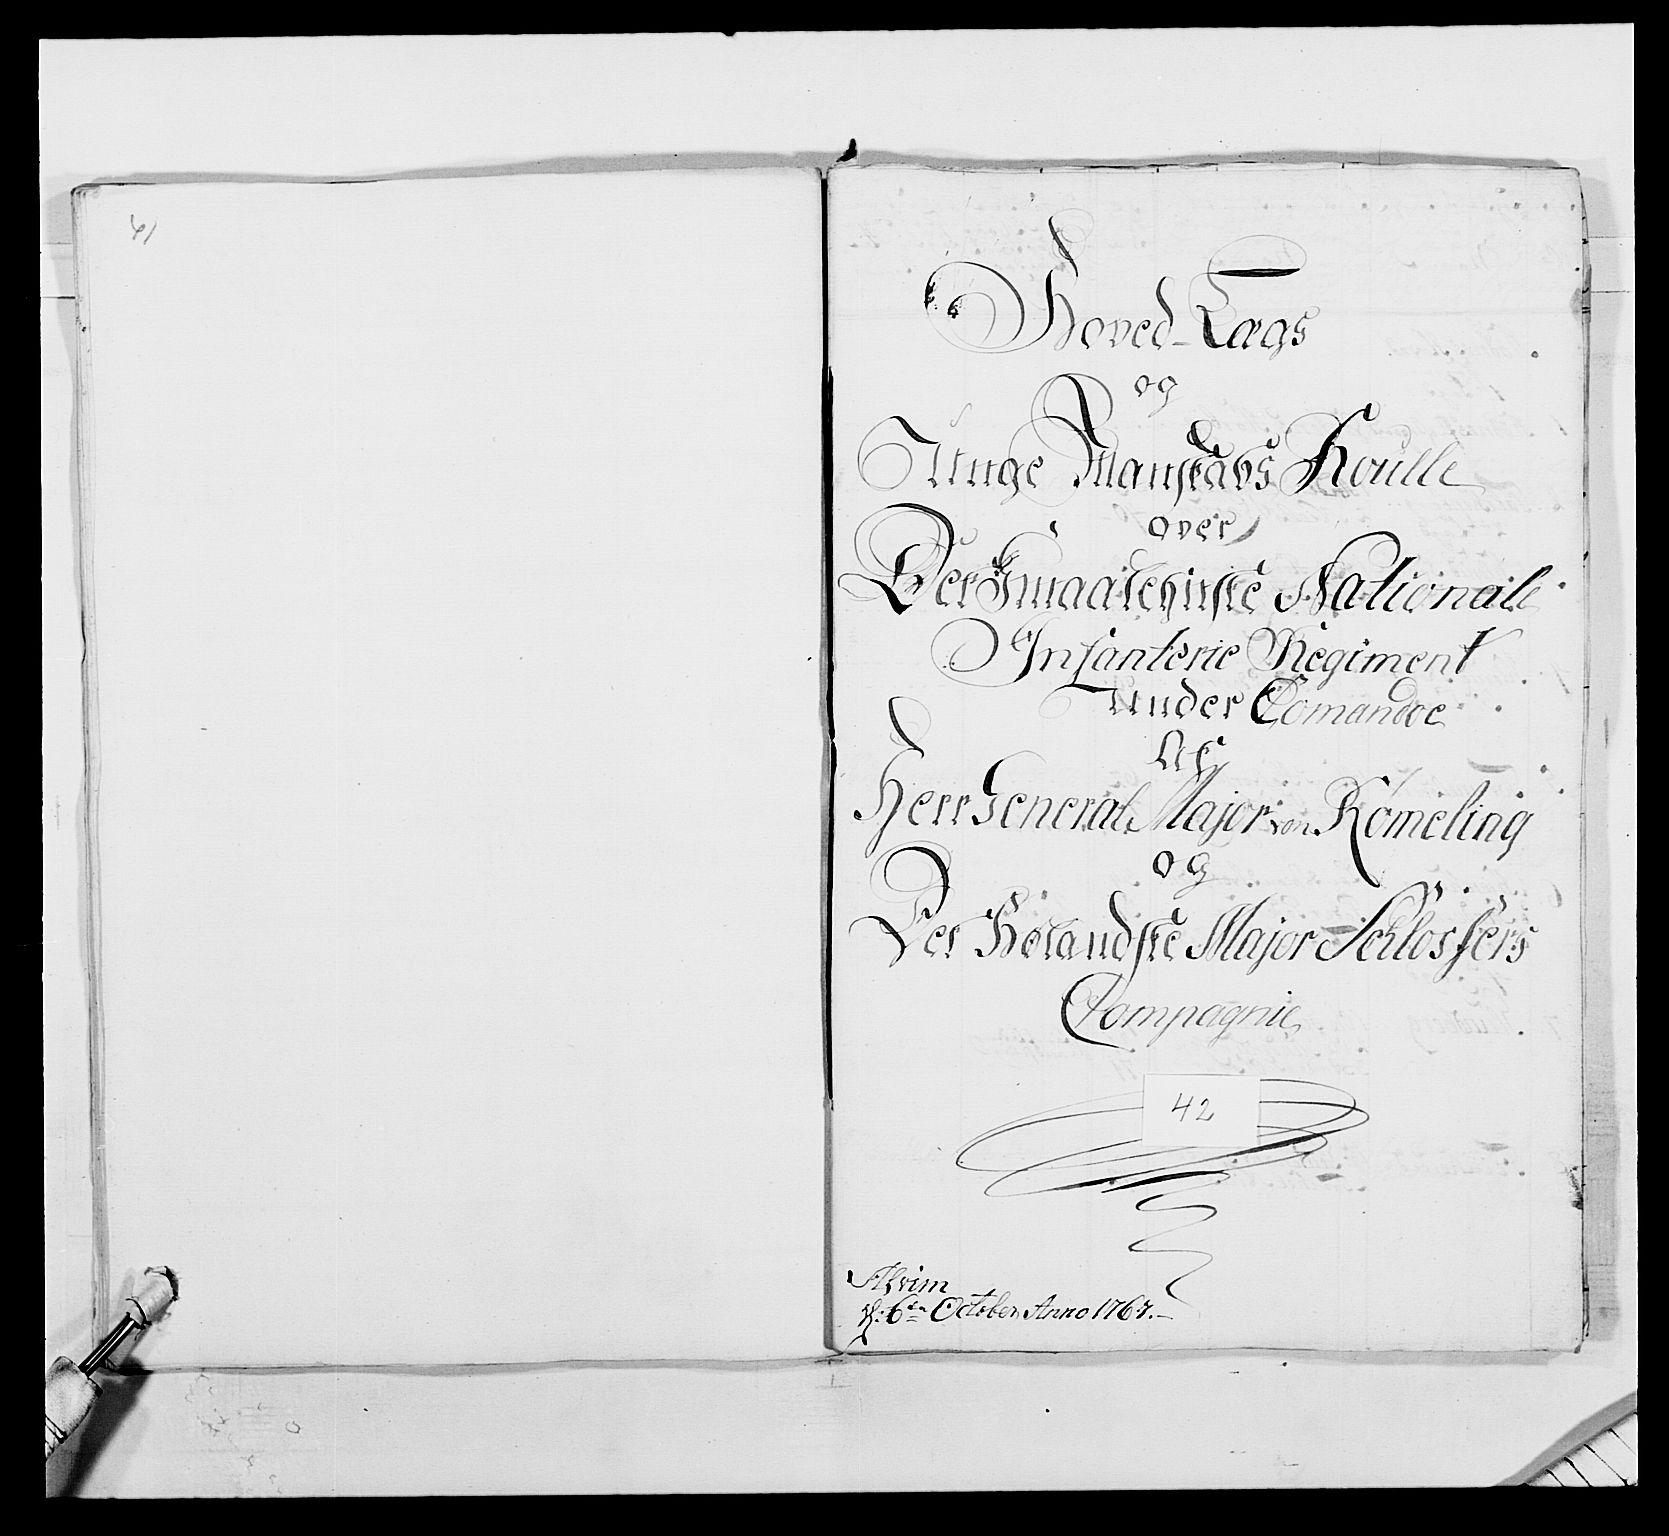 RA, Kommanderende general (KG I) med Det norske krigsdirektorium, E/Ea/L0496: 1. Smålenske regiment, 1765-1767, s. 809